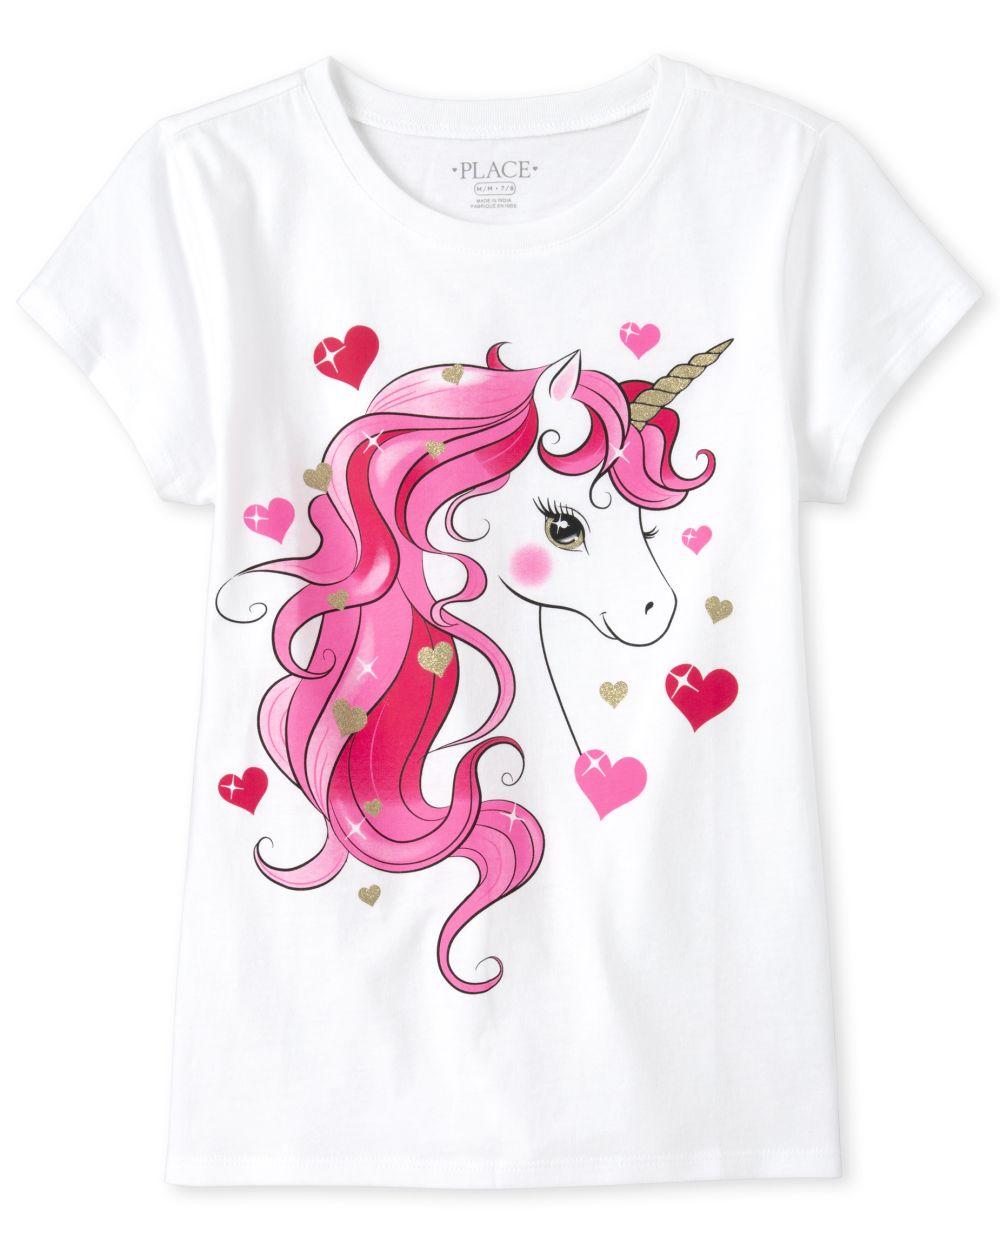 Girls Glitter Unicorn Graphic Tee